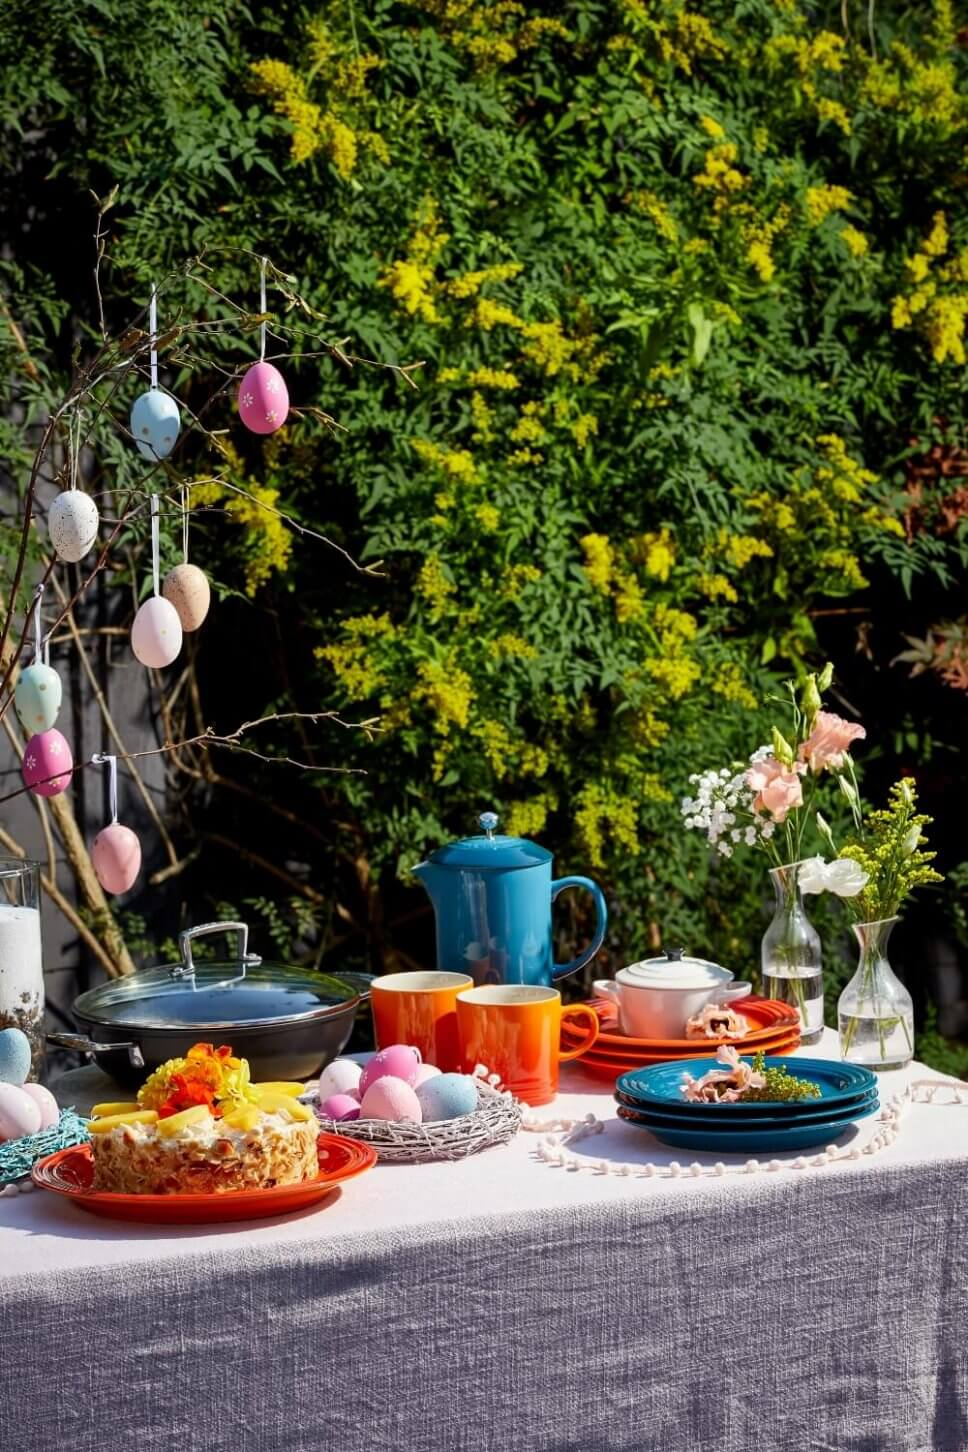 Österlich dekoriertes Buffet mit buntem Geschirr im Garten